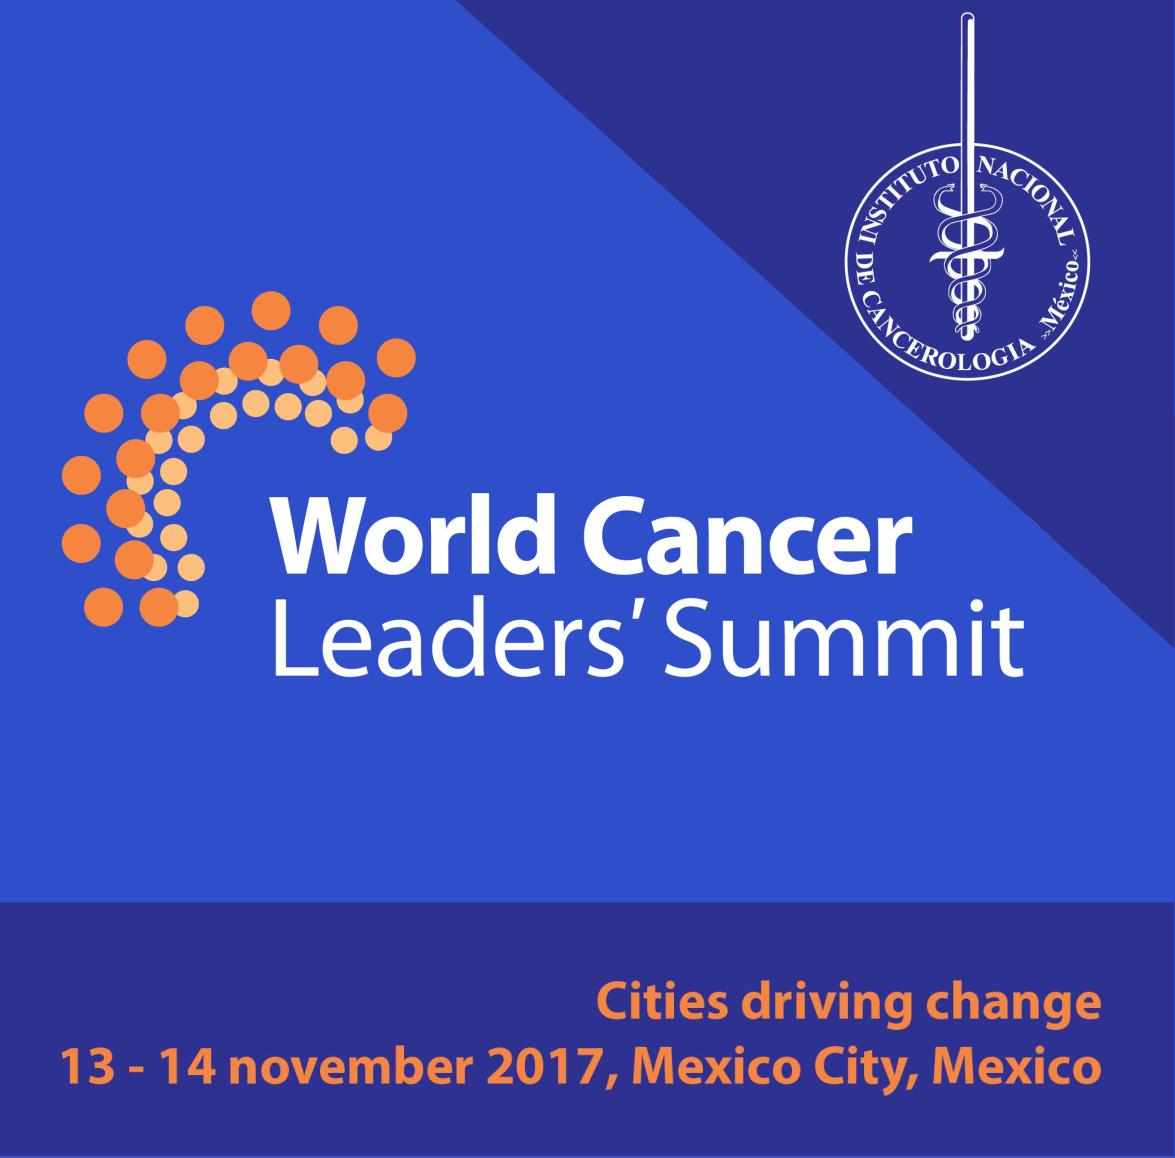 Fundación Cáncer Warriors de México, A.C. invitada a la Cumbre Mundial de Líderes contra el Cáncer 2017